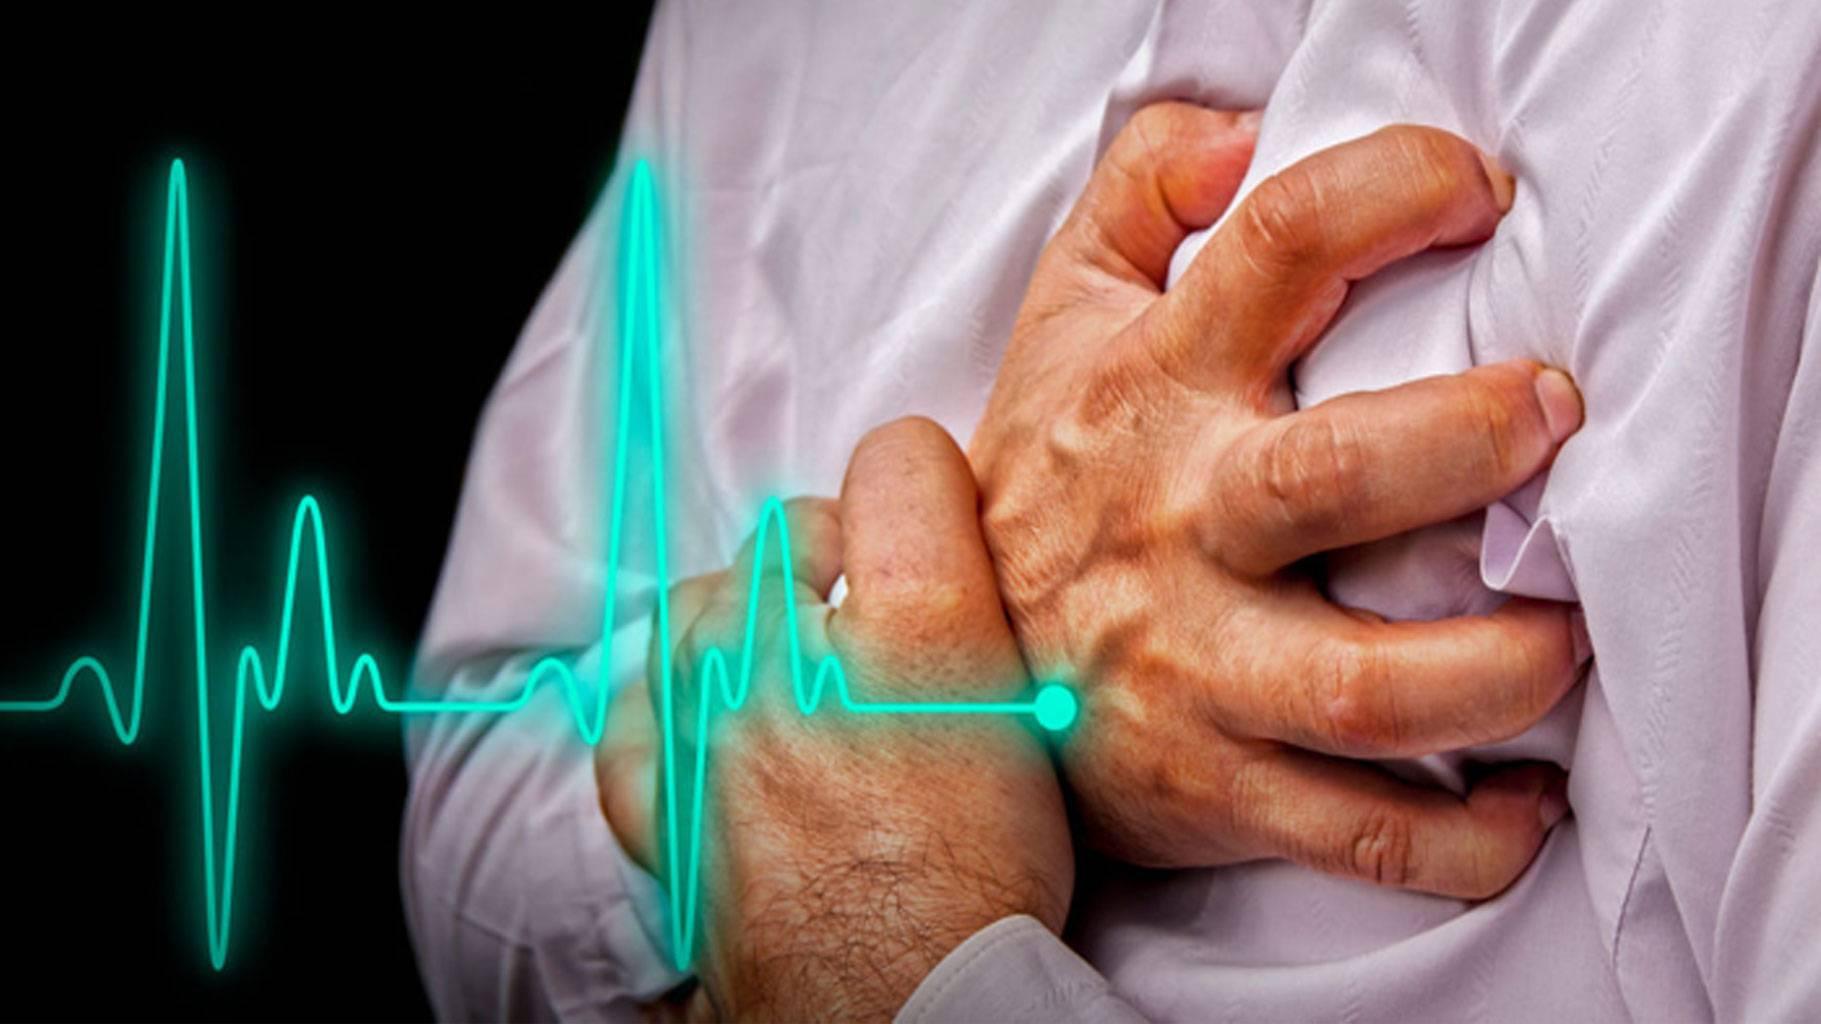 दिल की बीमारी होने से पहले शरीर